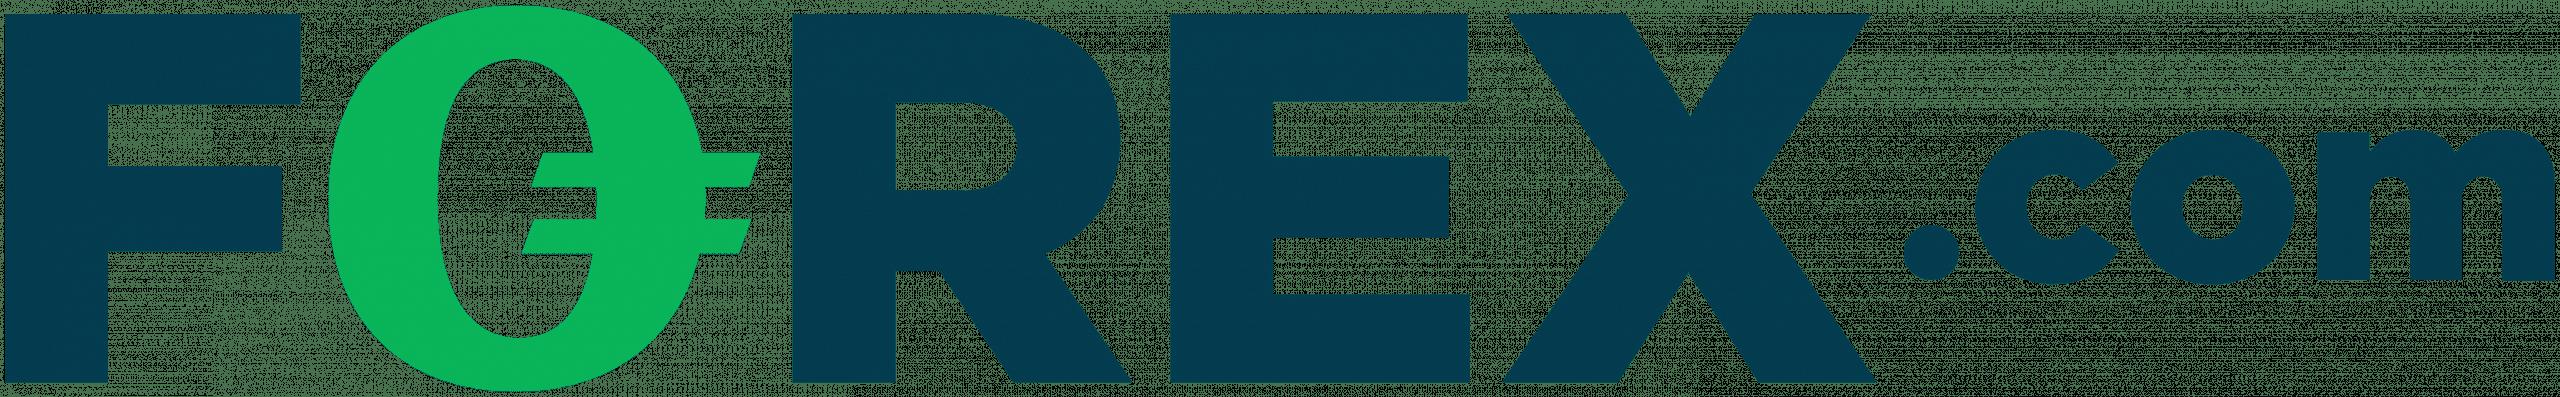 <p></noscript>Forex.com Erfahrungen & Test 2021 – Unsere Bewertung</p> -logo